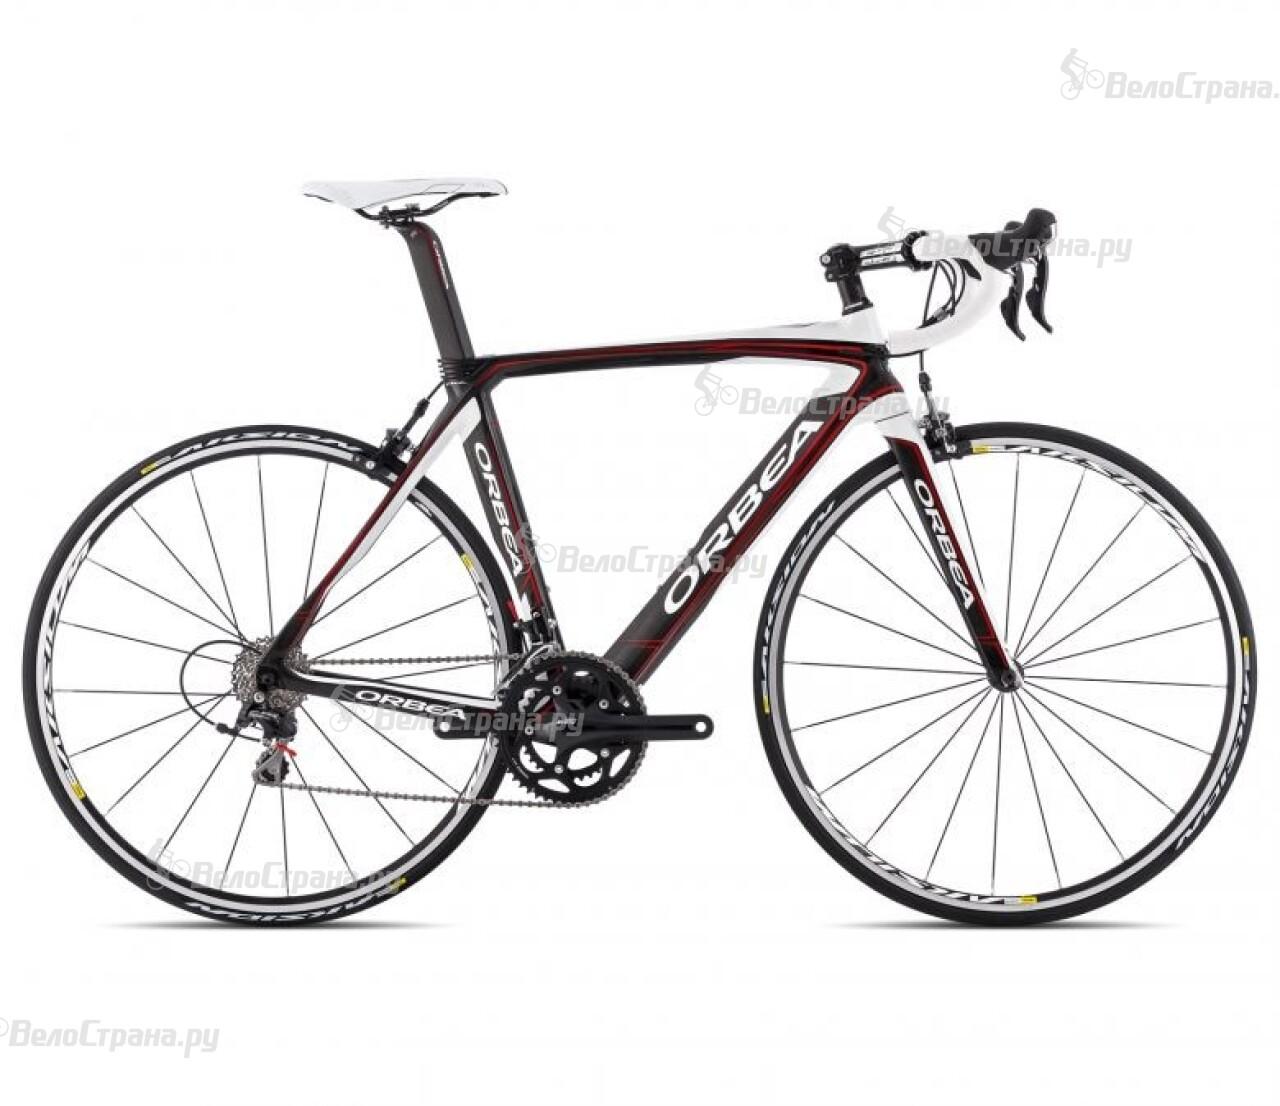 Велосипед Orbea Orca M70 (2014) велосипед orbea orca dama gth 2013